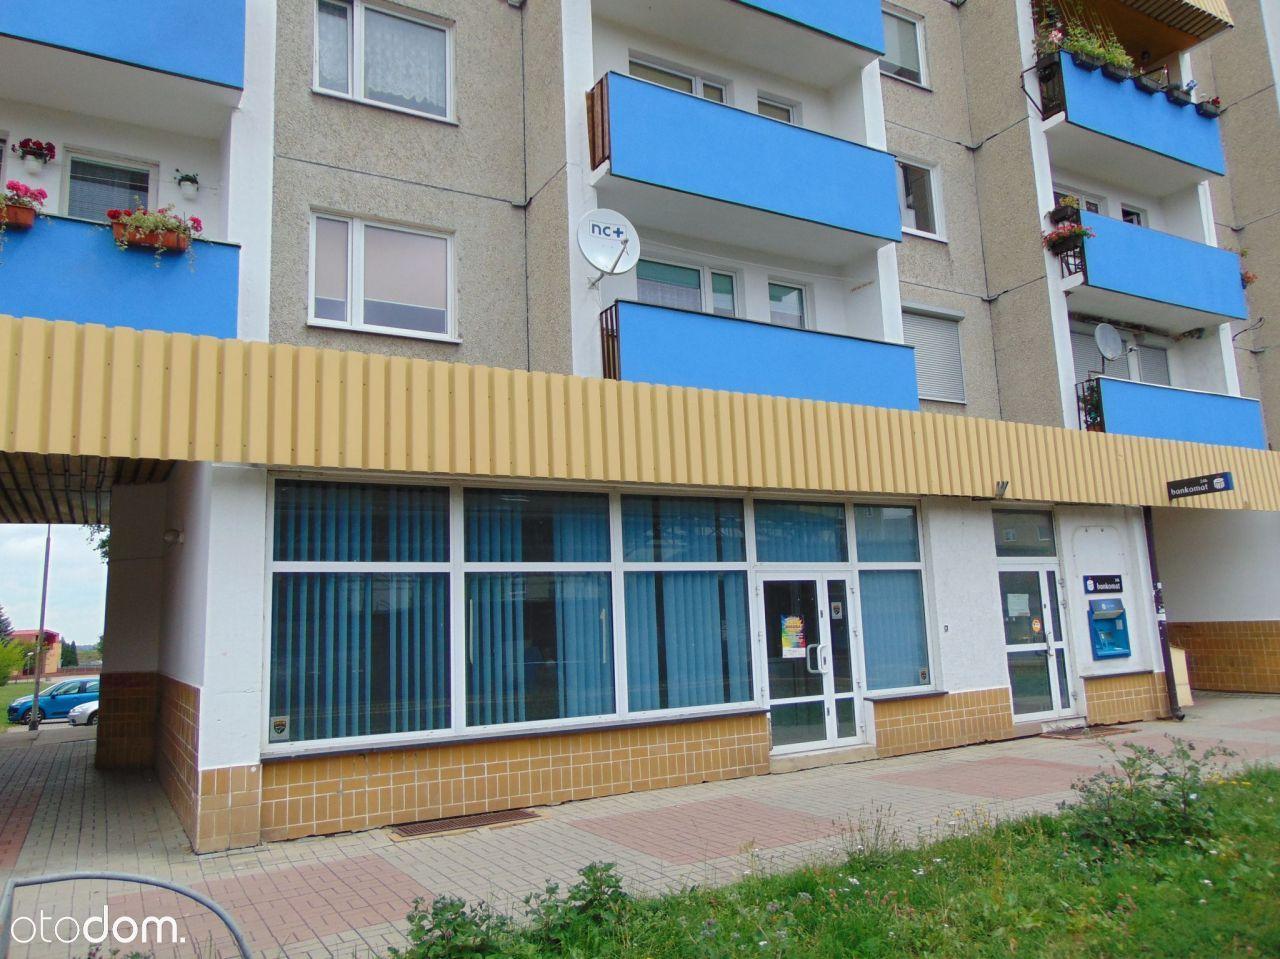 Lokal użytkowy na sprzedaż, Świdnica, świdnicki, dolnośląskie - Foto 7